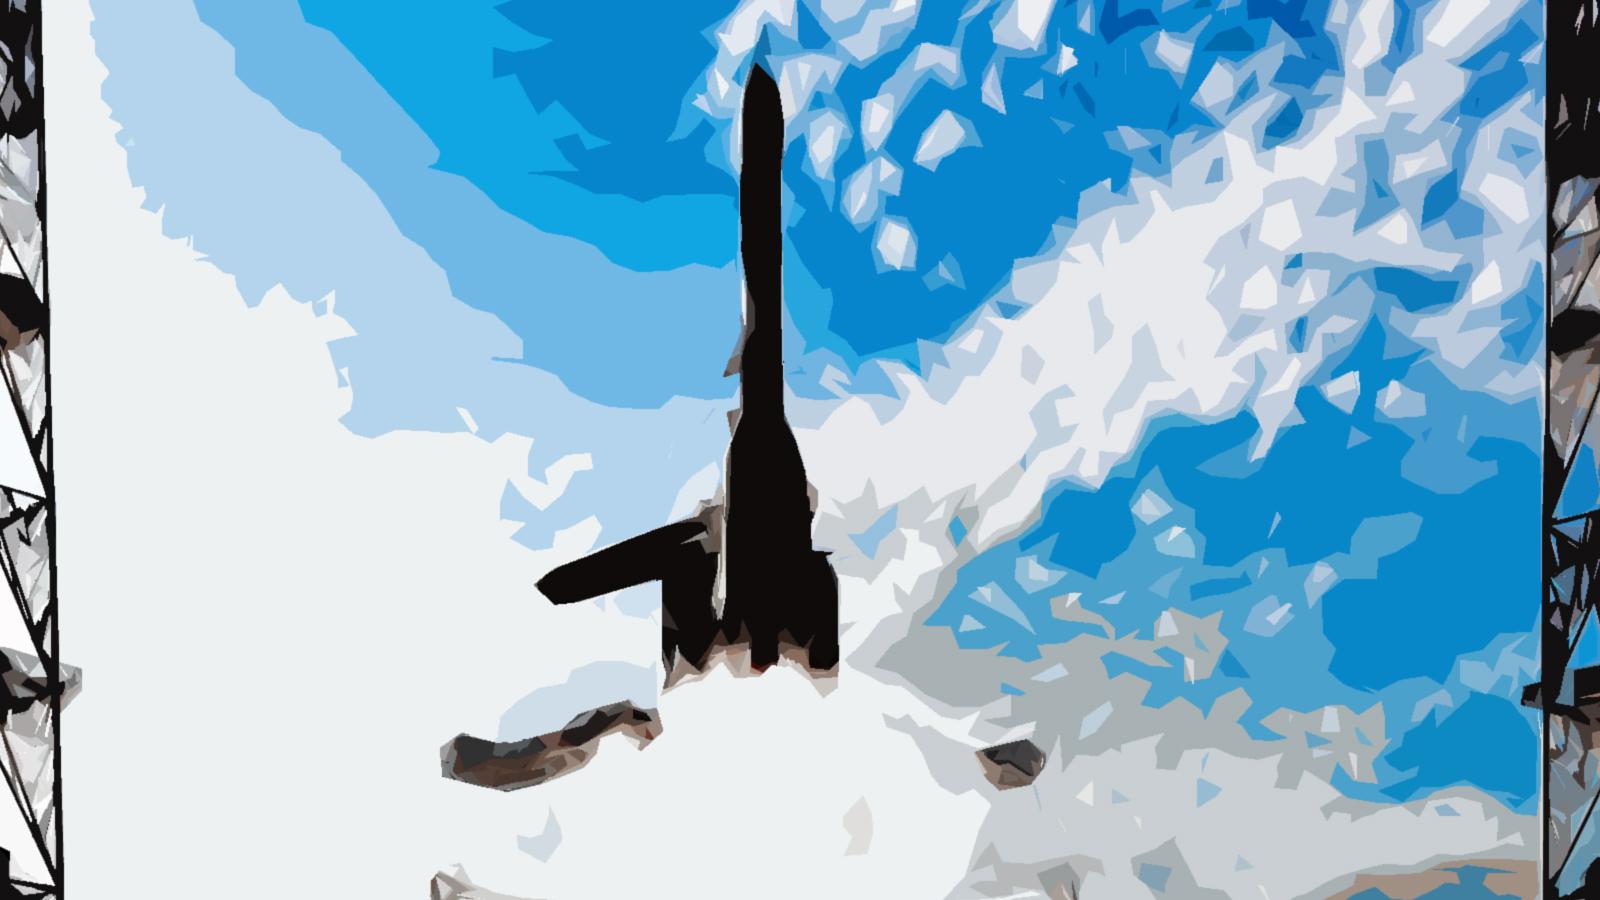 از ناهید تا پیام؛ تاریخچه ماهواره های ایرانی - بخش اول